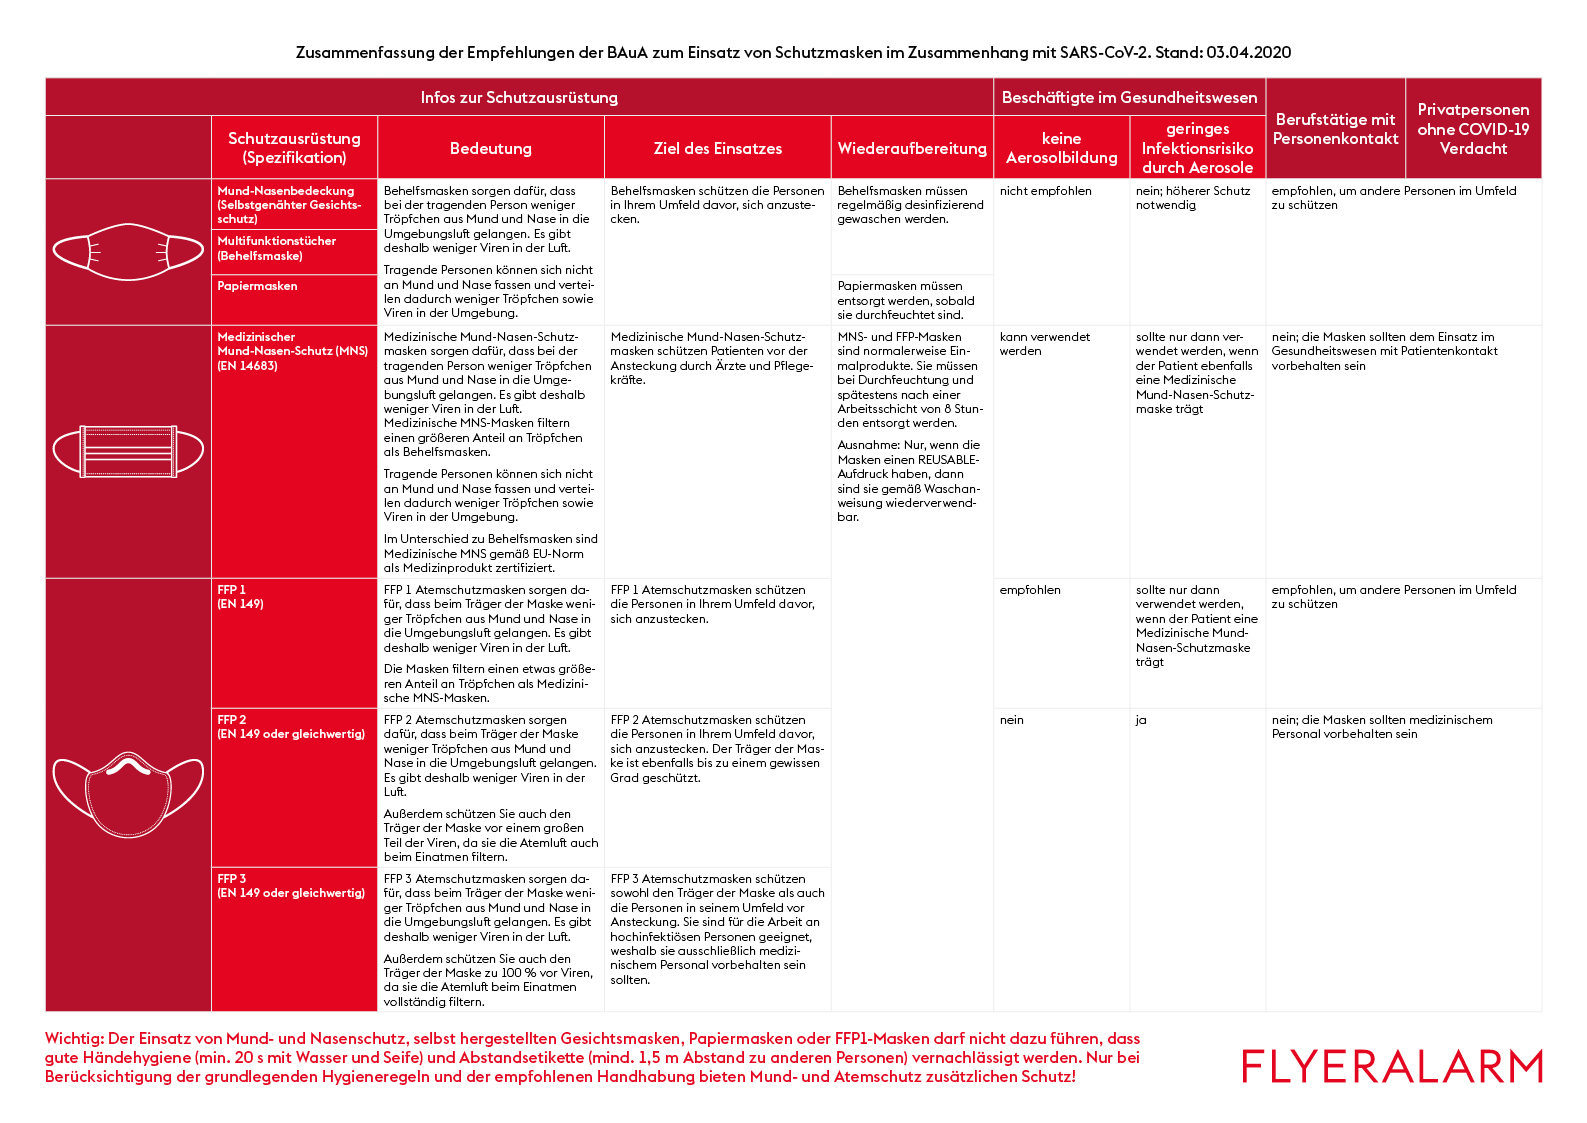 Zusammenfassung der Empfehlungen der BAuA zum Einsatz von Schutzmasken